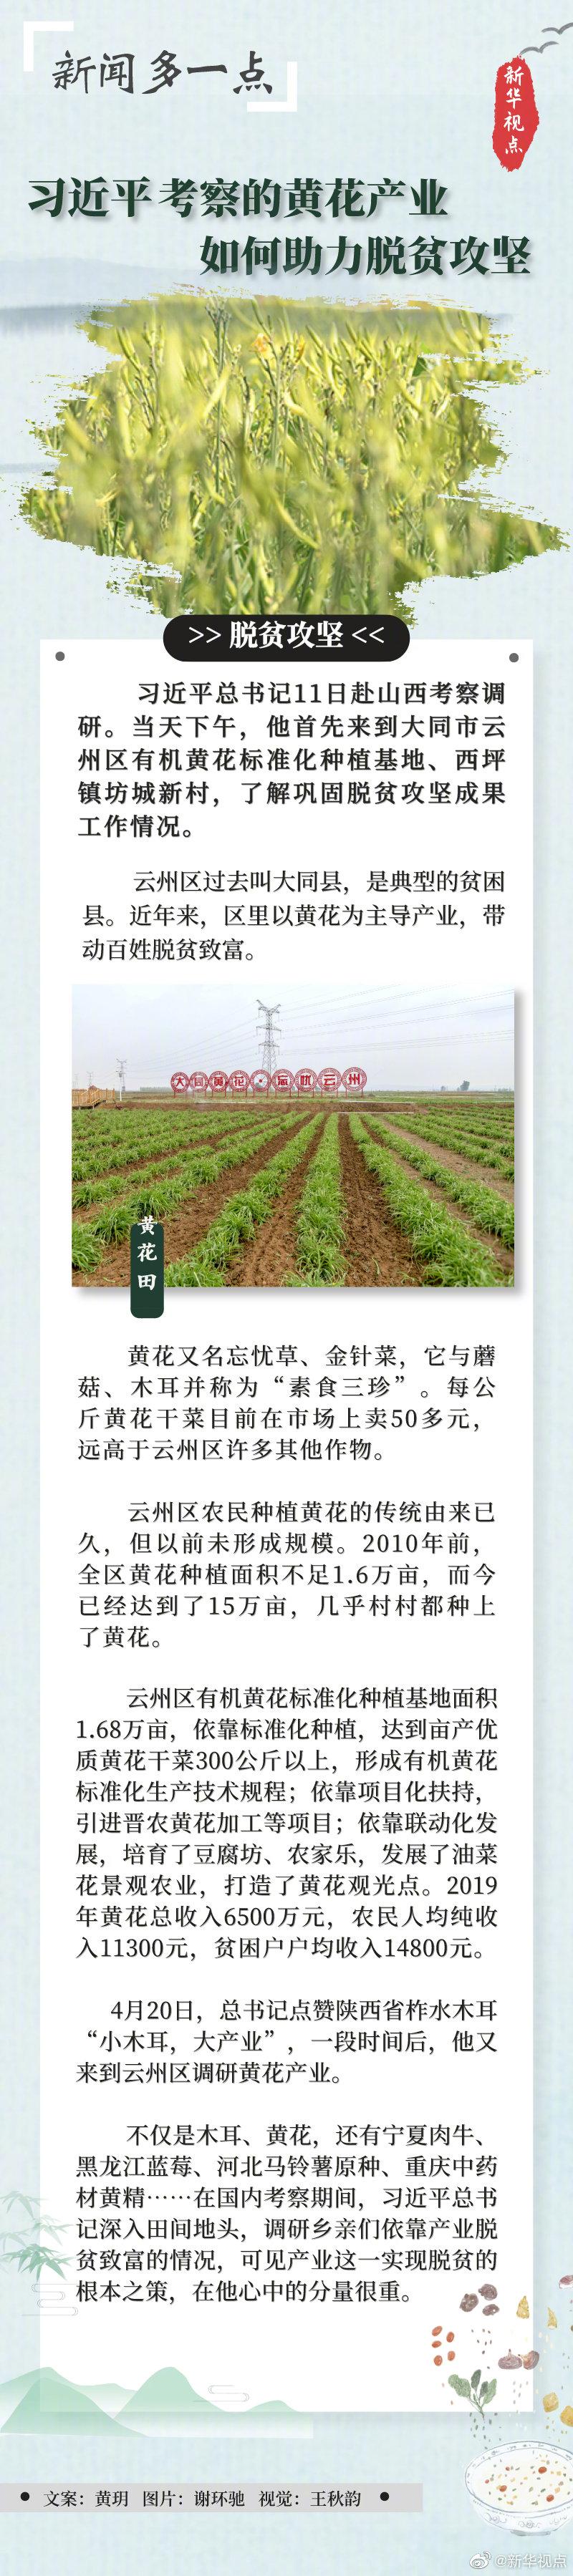 习近平考察的黄花产业,如何助力脱贫攻坚图片